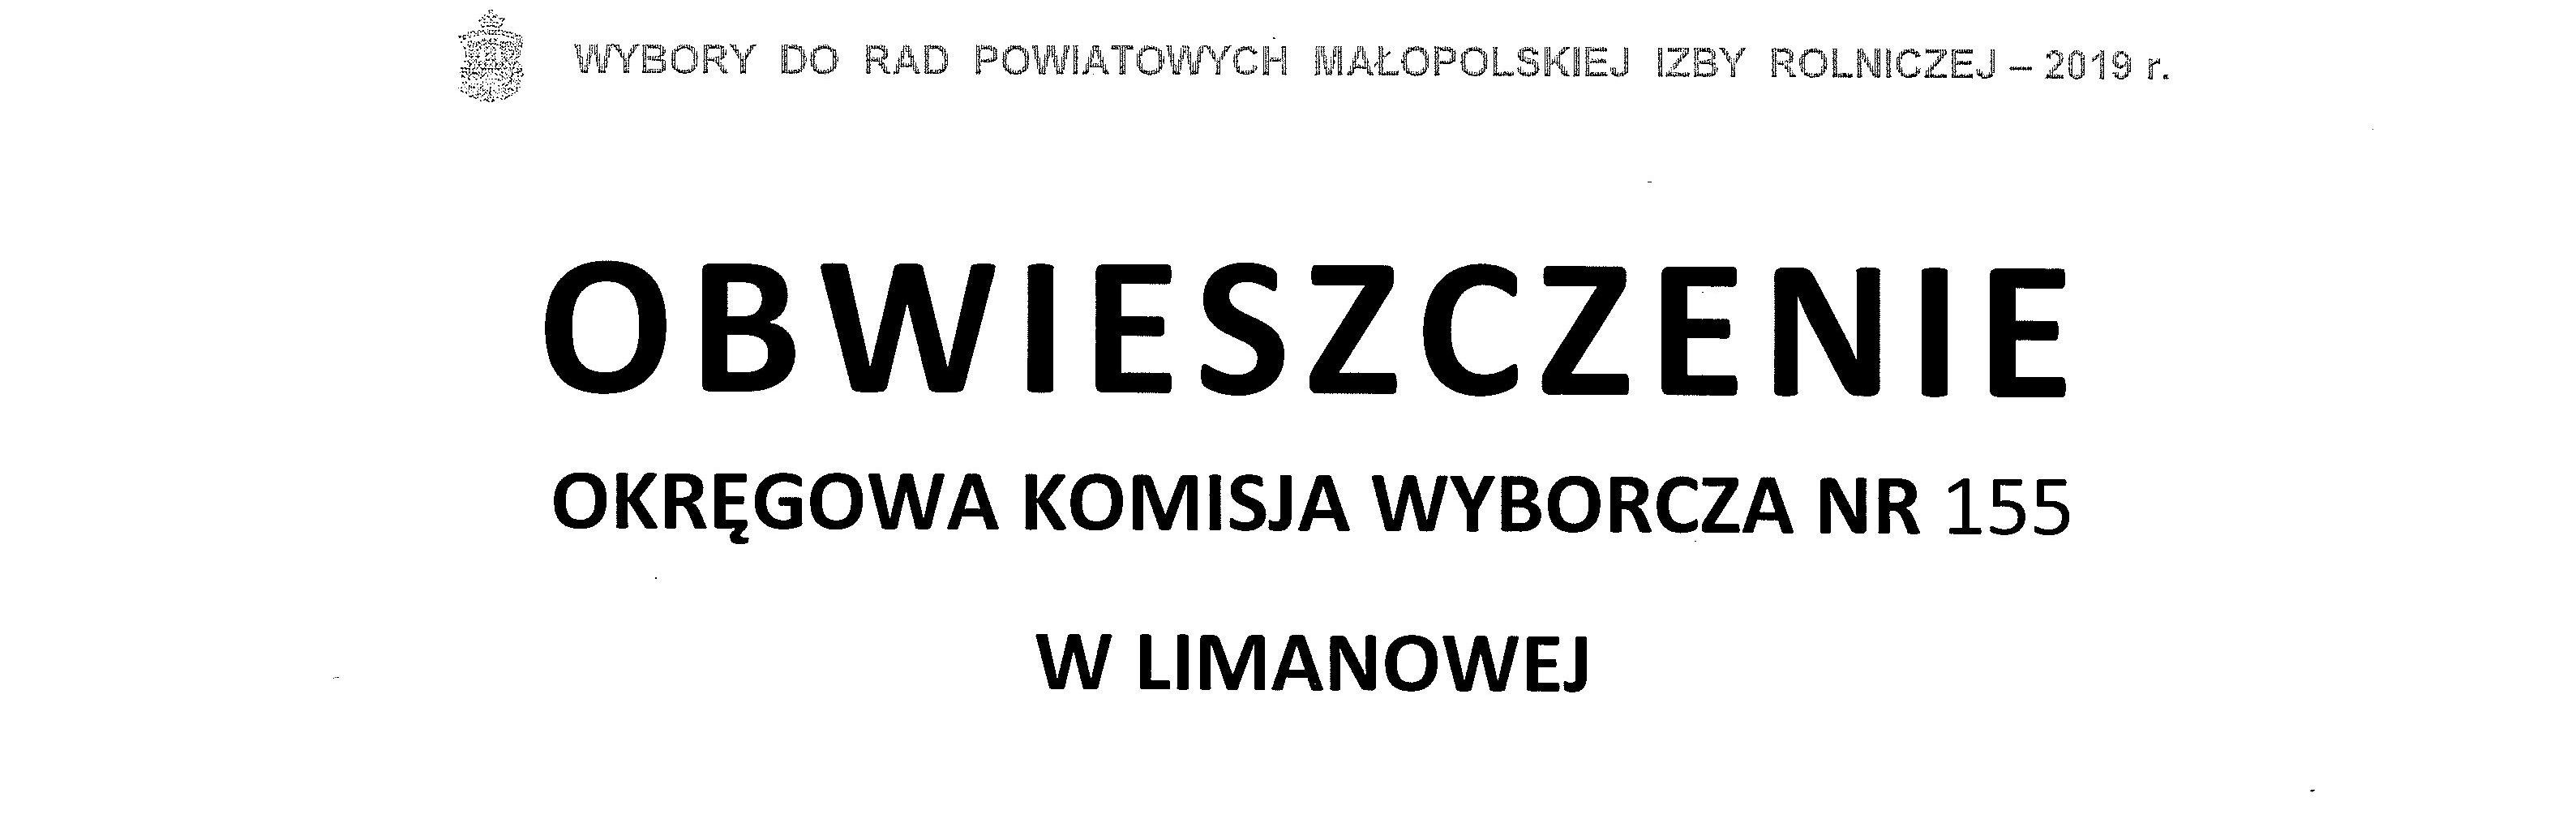 Obwieszczenie OKW nr 155  w sprawie wyborów do Rady Powiatowej Małopolskiej Izby Rolniczej - zdjęcie główne